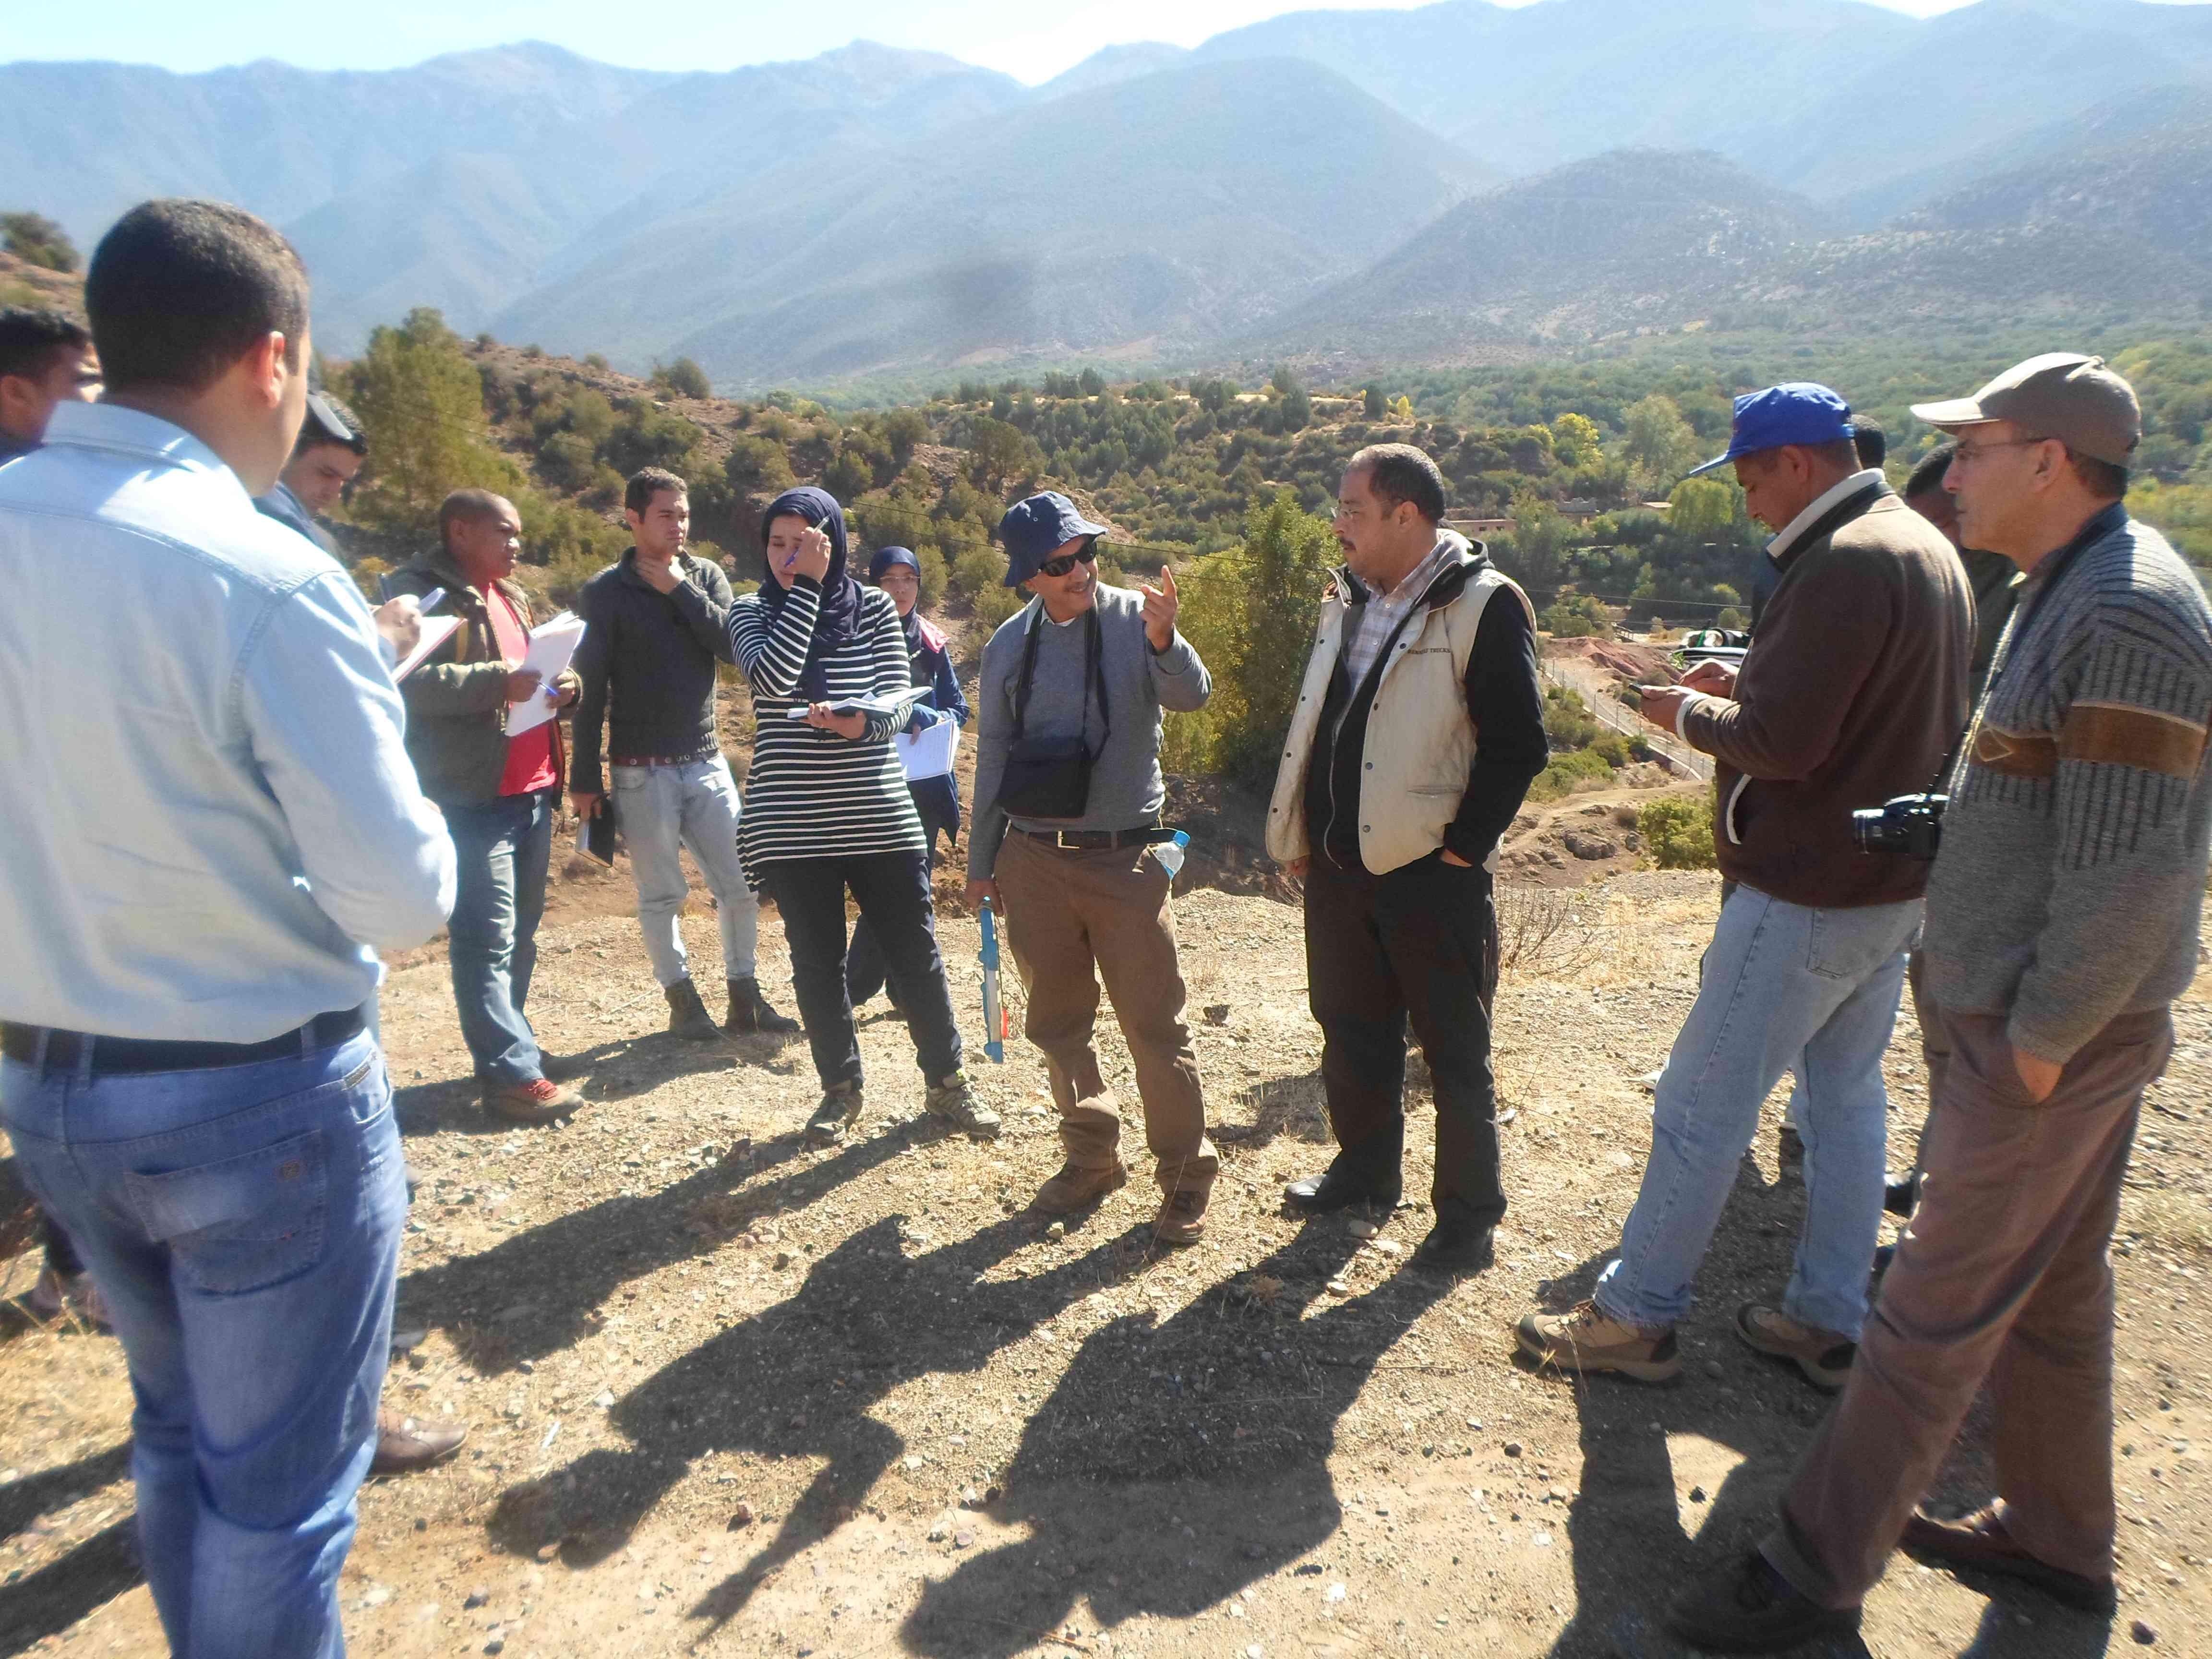 مشروع التكيف مع تغيرالمناخ في حوض تانسيفت في المغرب